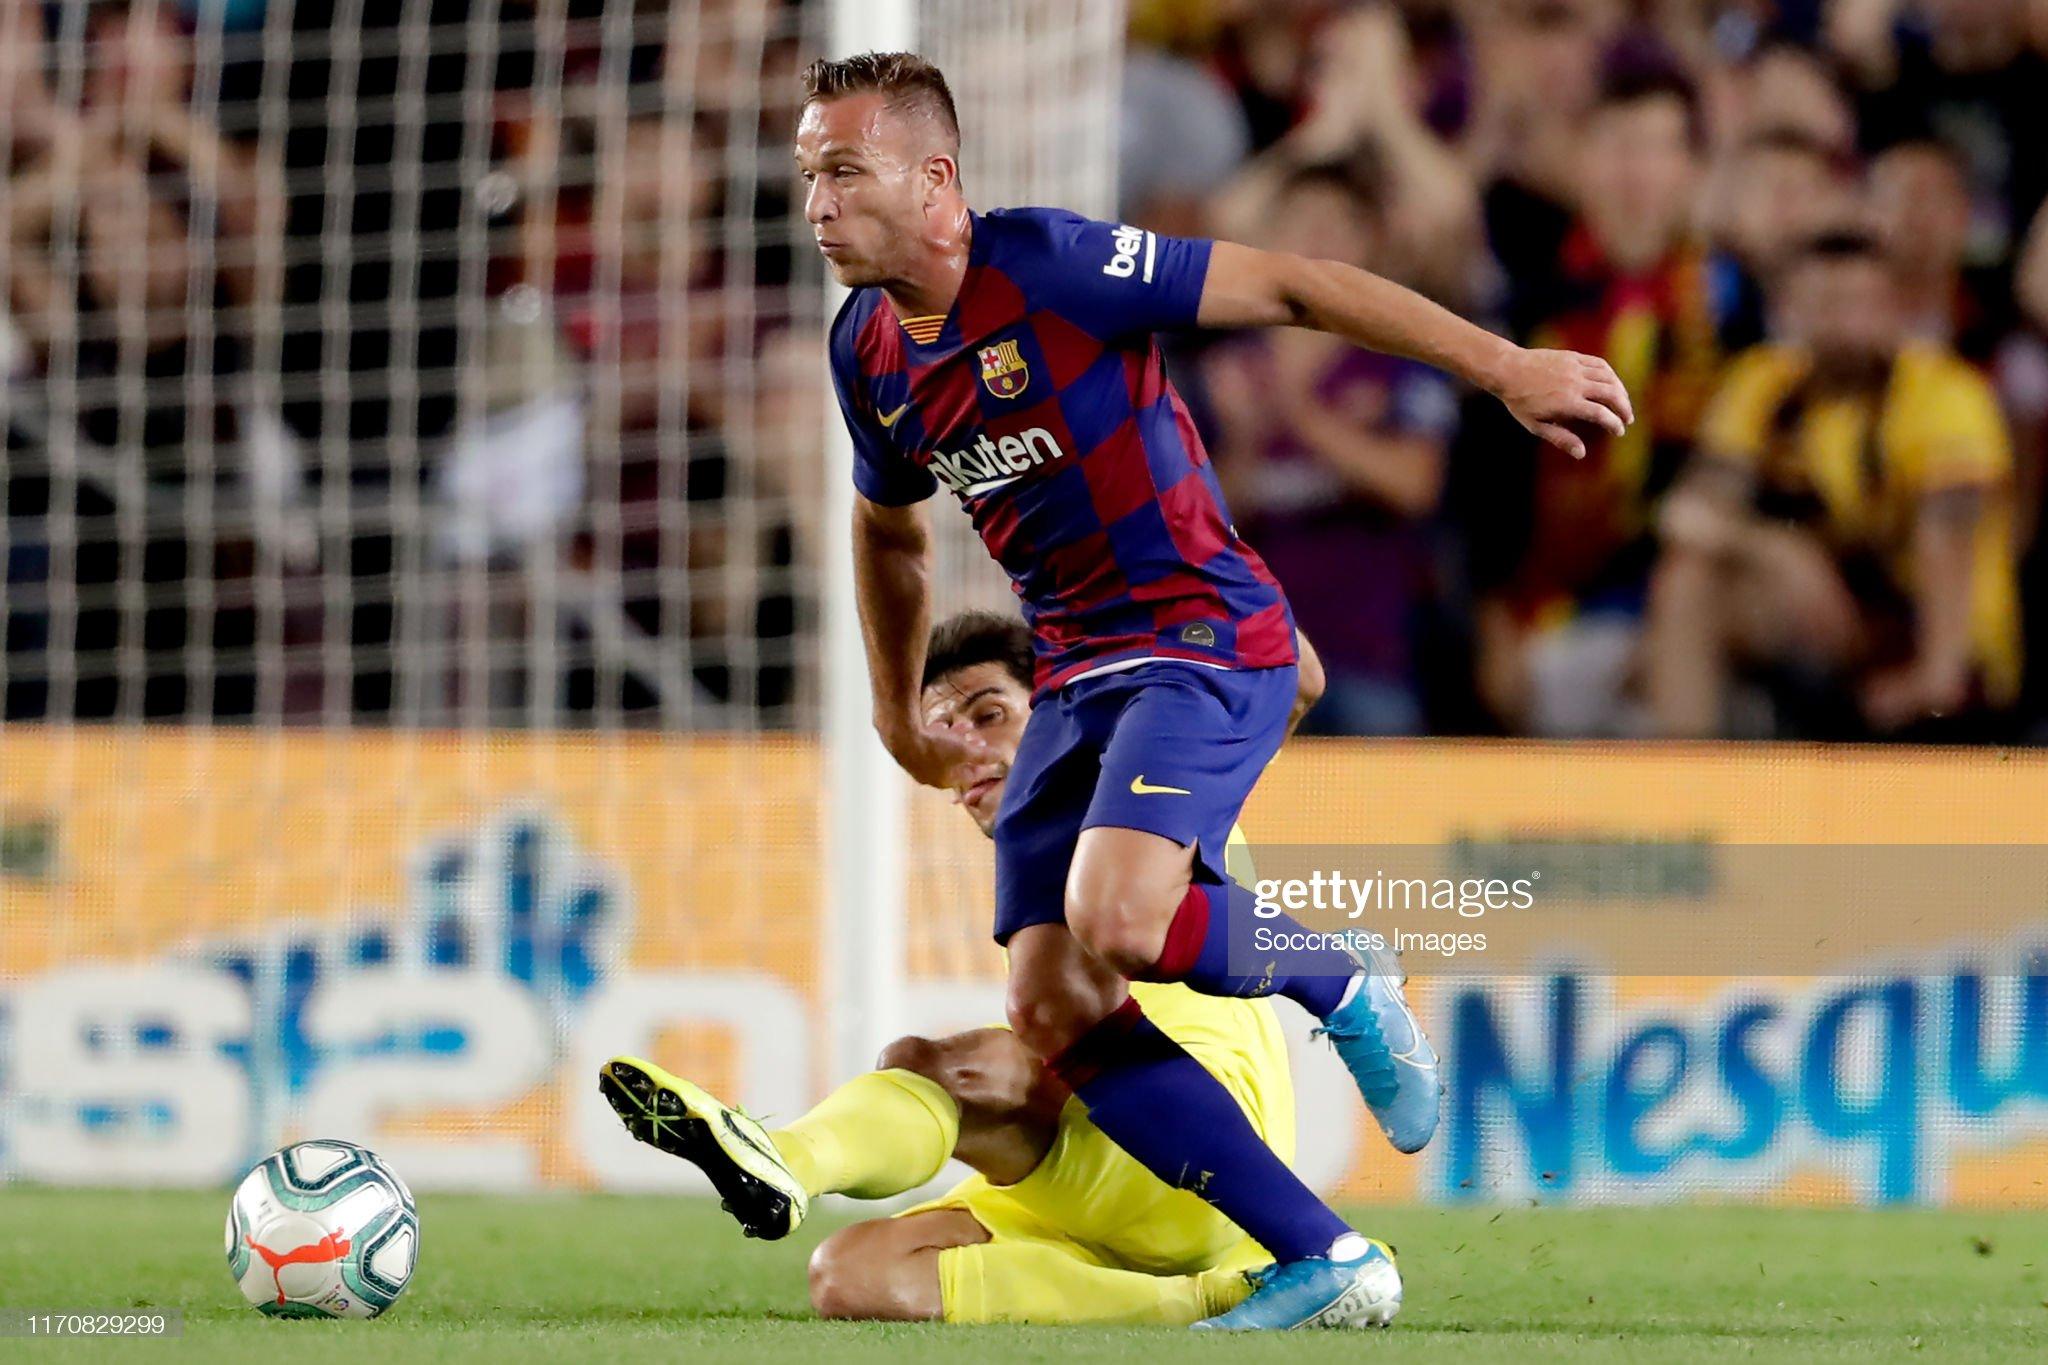 صور مباراة : برشلونة - فياريال 2-1 ( 24-09-2019 )  Gerard-moreno-of-villarreal-arthur-of-fc-barcelona-during-the-la-liga-picture-id1170829299?s=2048x2048